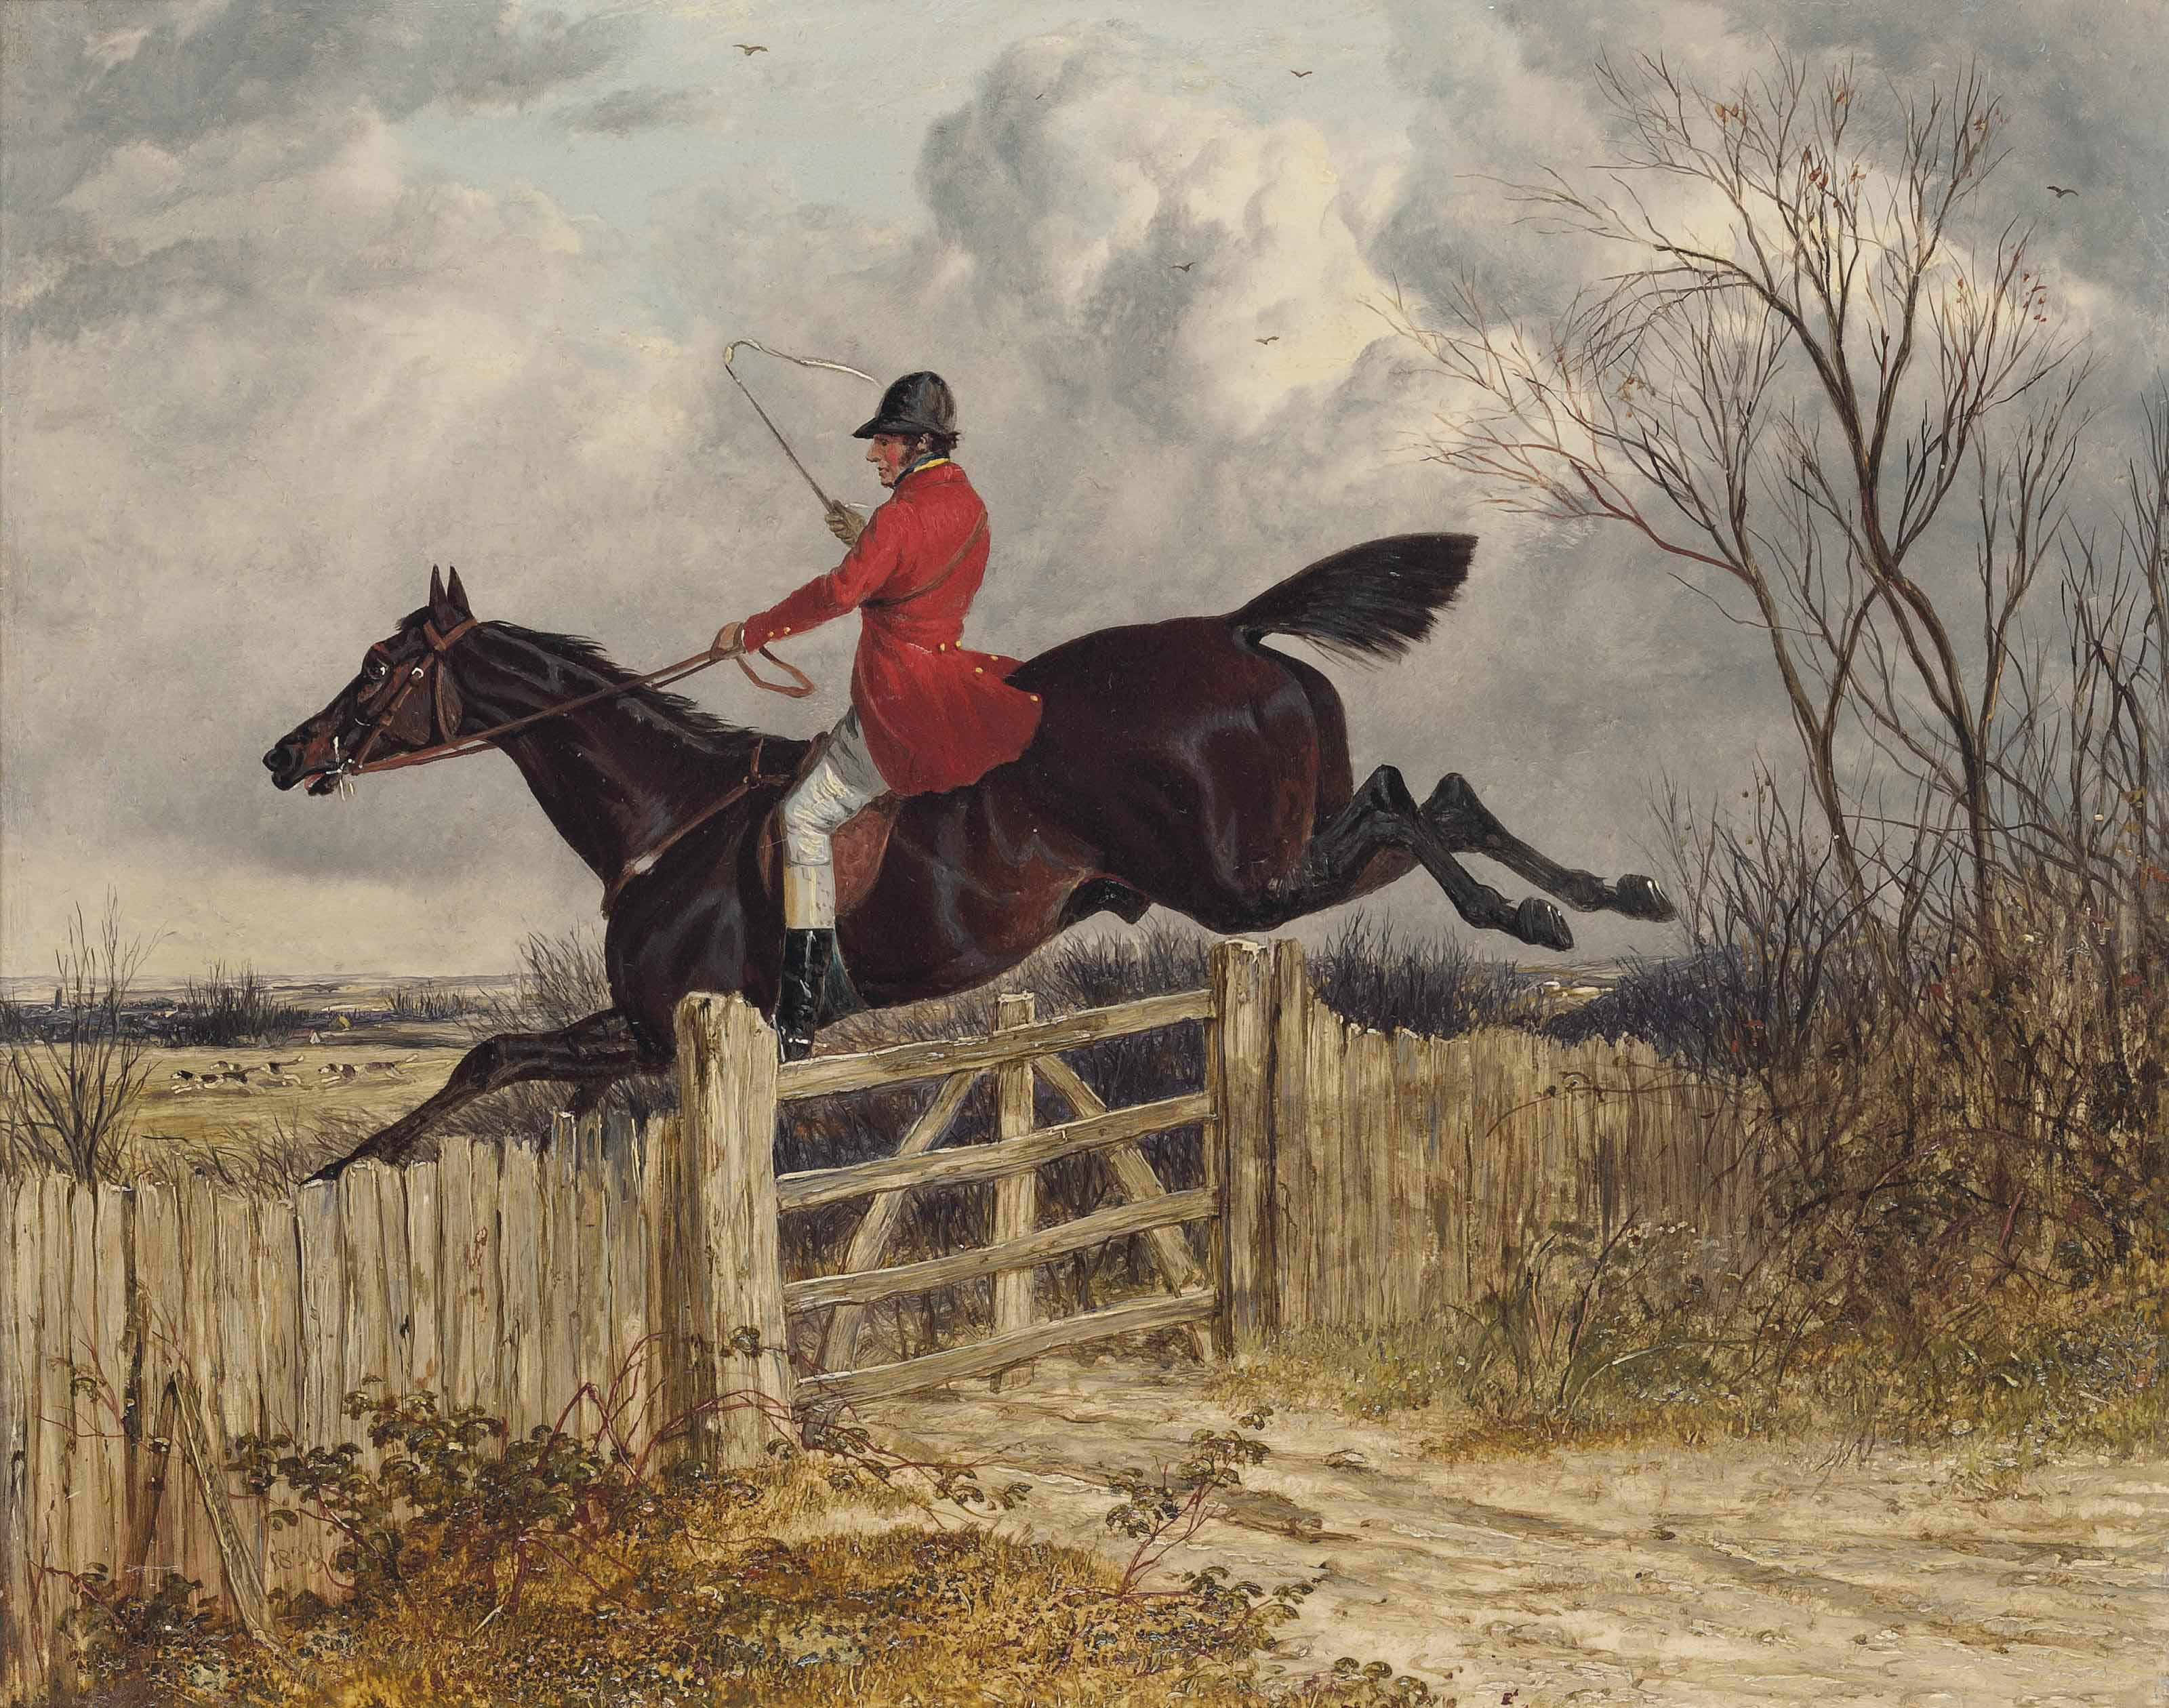 John Frederick Herring, Snr (1